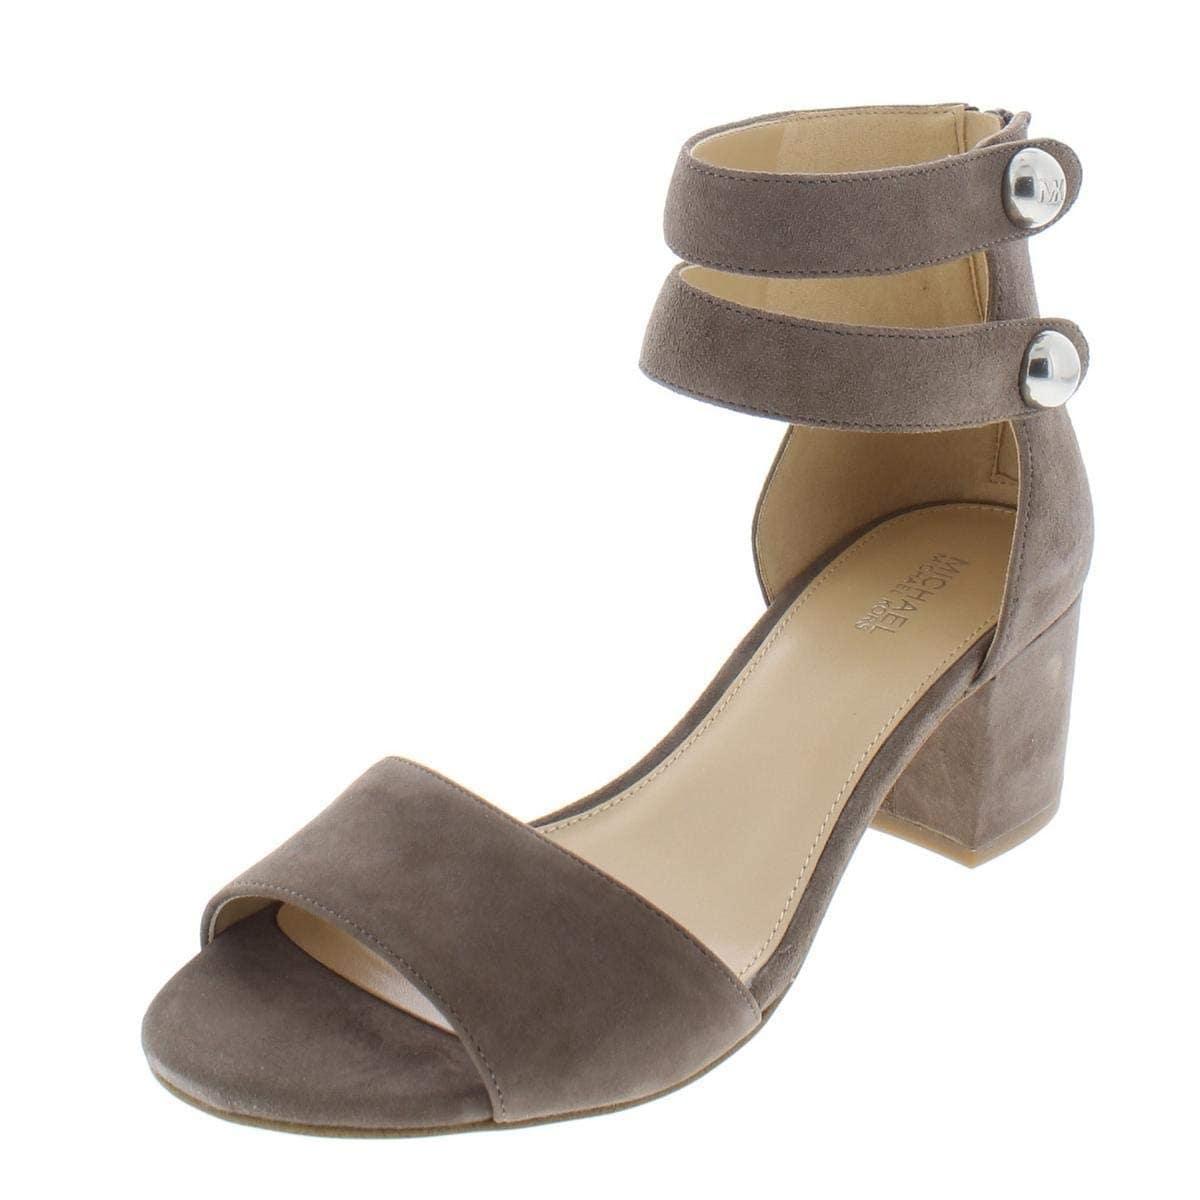 911eed70d31 Buy Low Heel MICHAEL Michael Kors Women s Sandals Online at Overstock